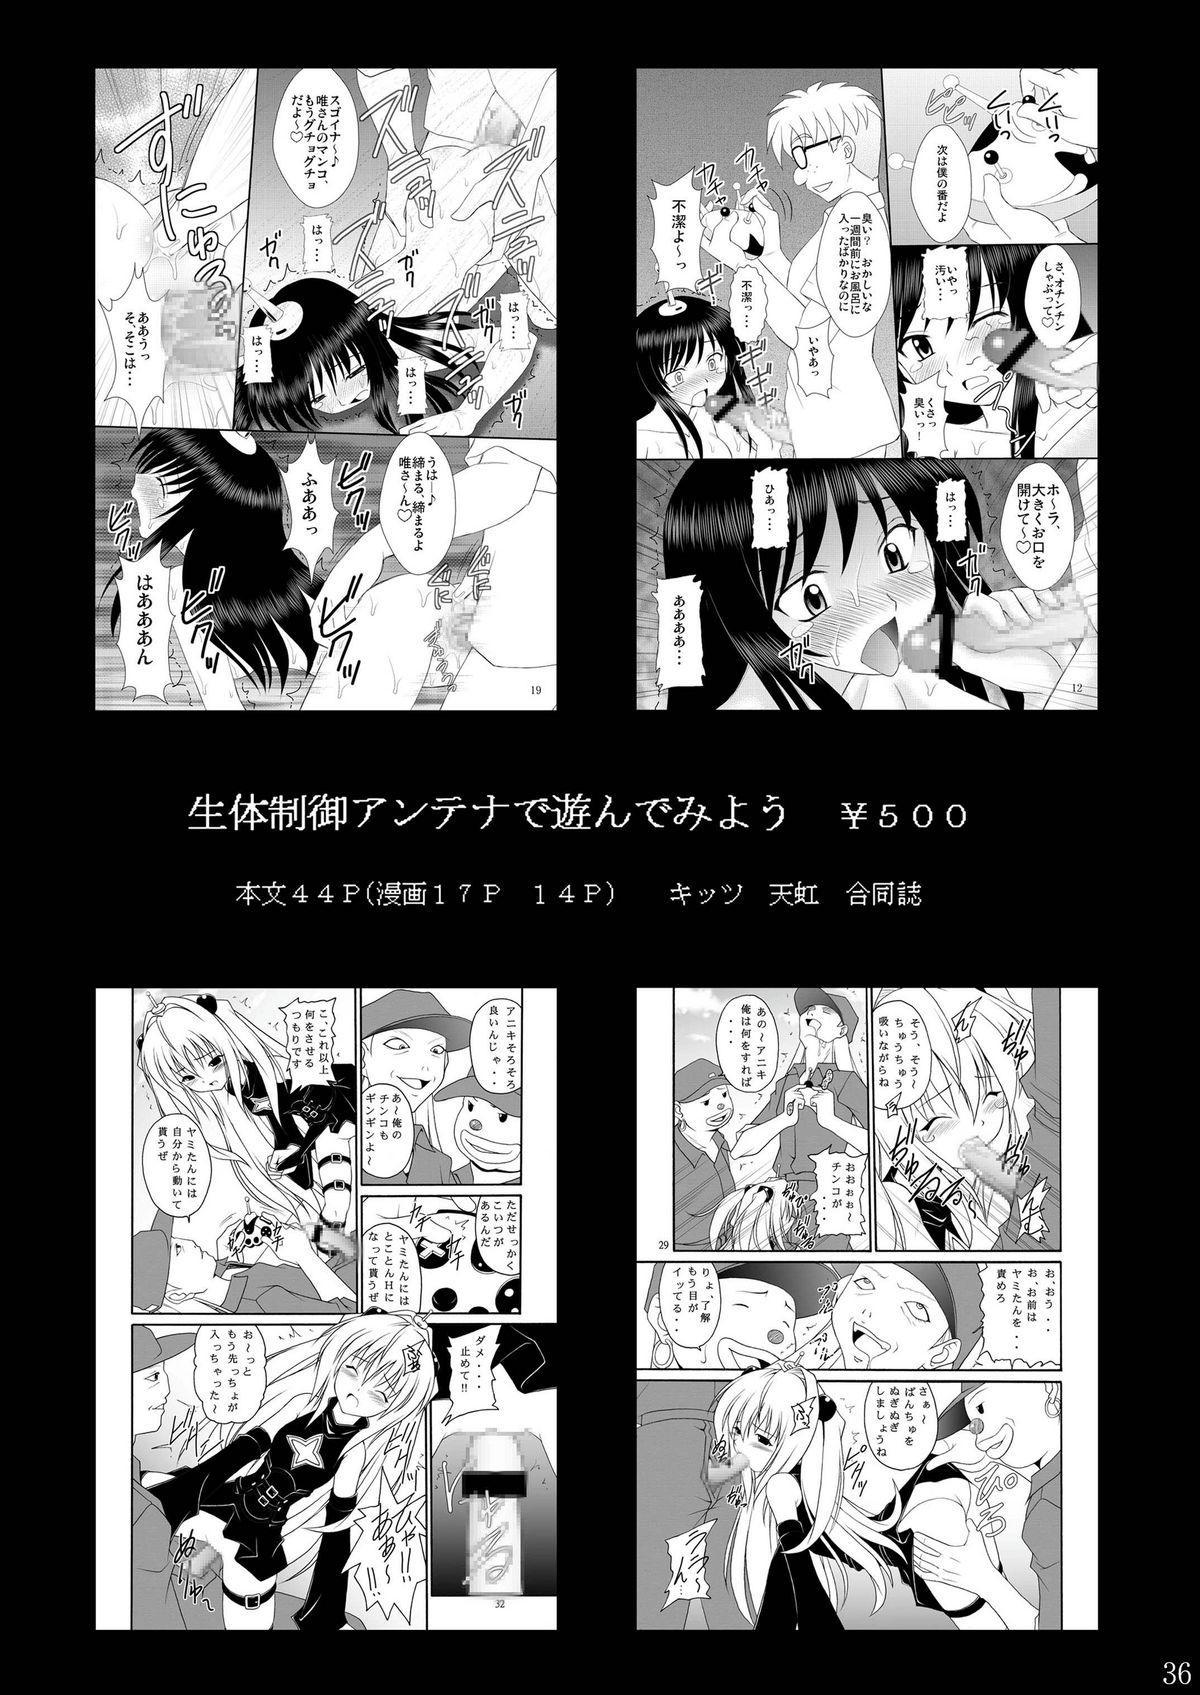 Seishin Houkai suru made Kusuguri Makutte Ryoujoku shite miru Test 35